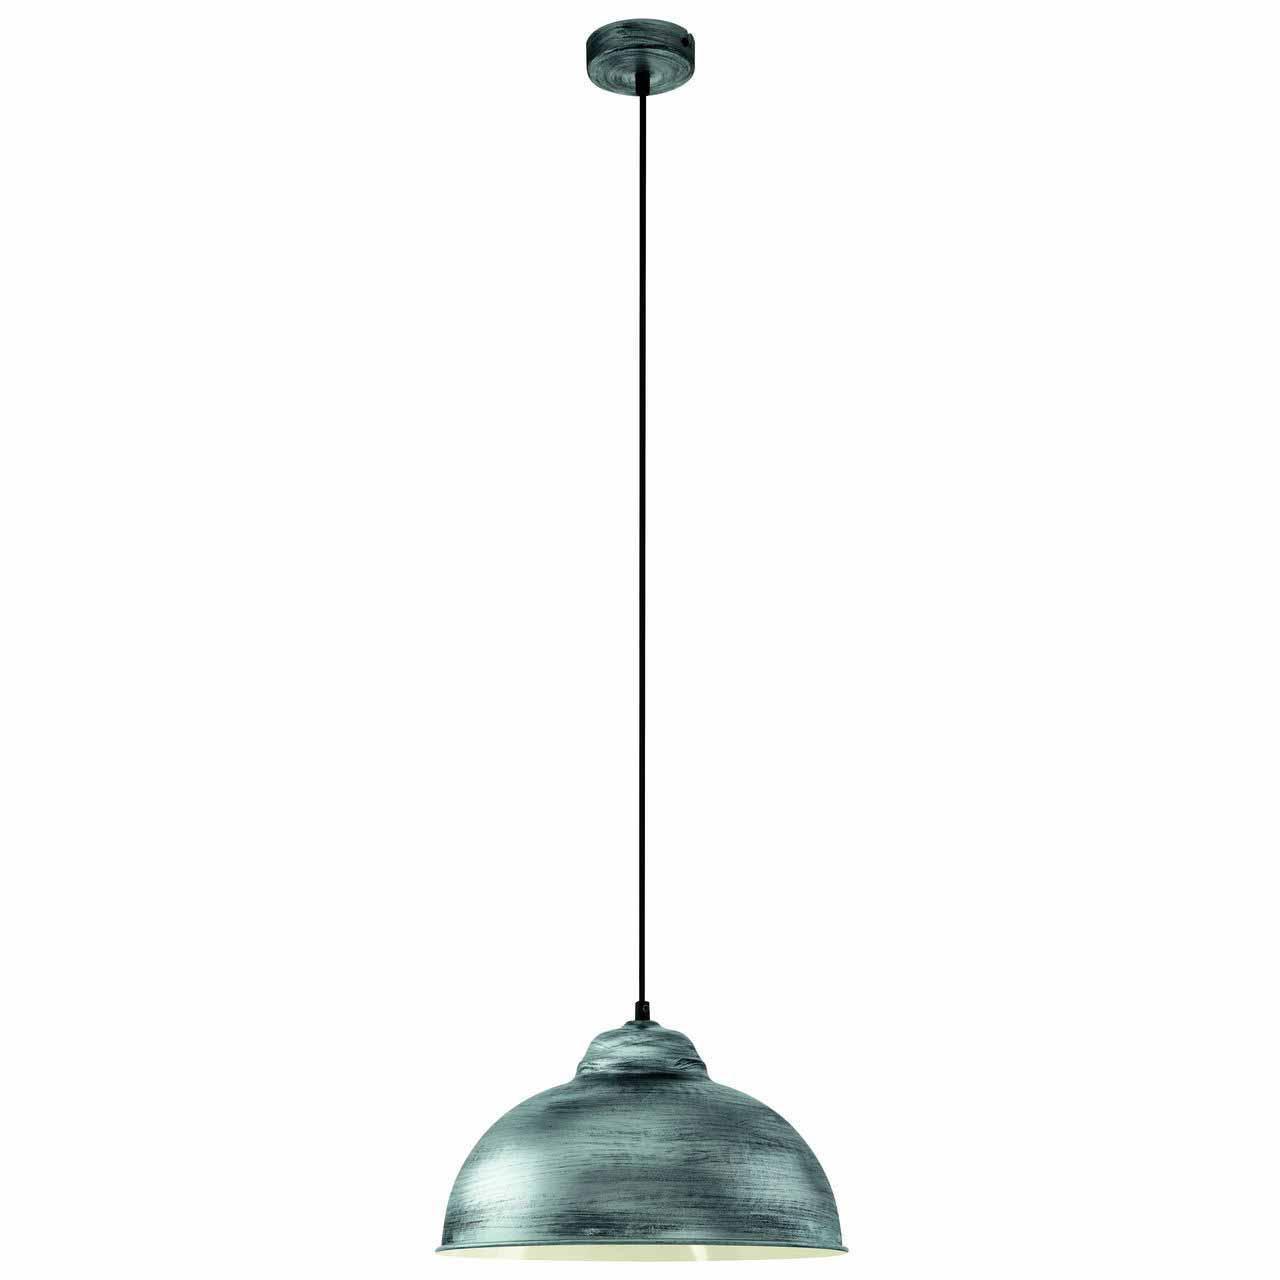 Подвесной светильник Eglo Truro 2 49389 подвесной светильник eglo truro 2 49389